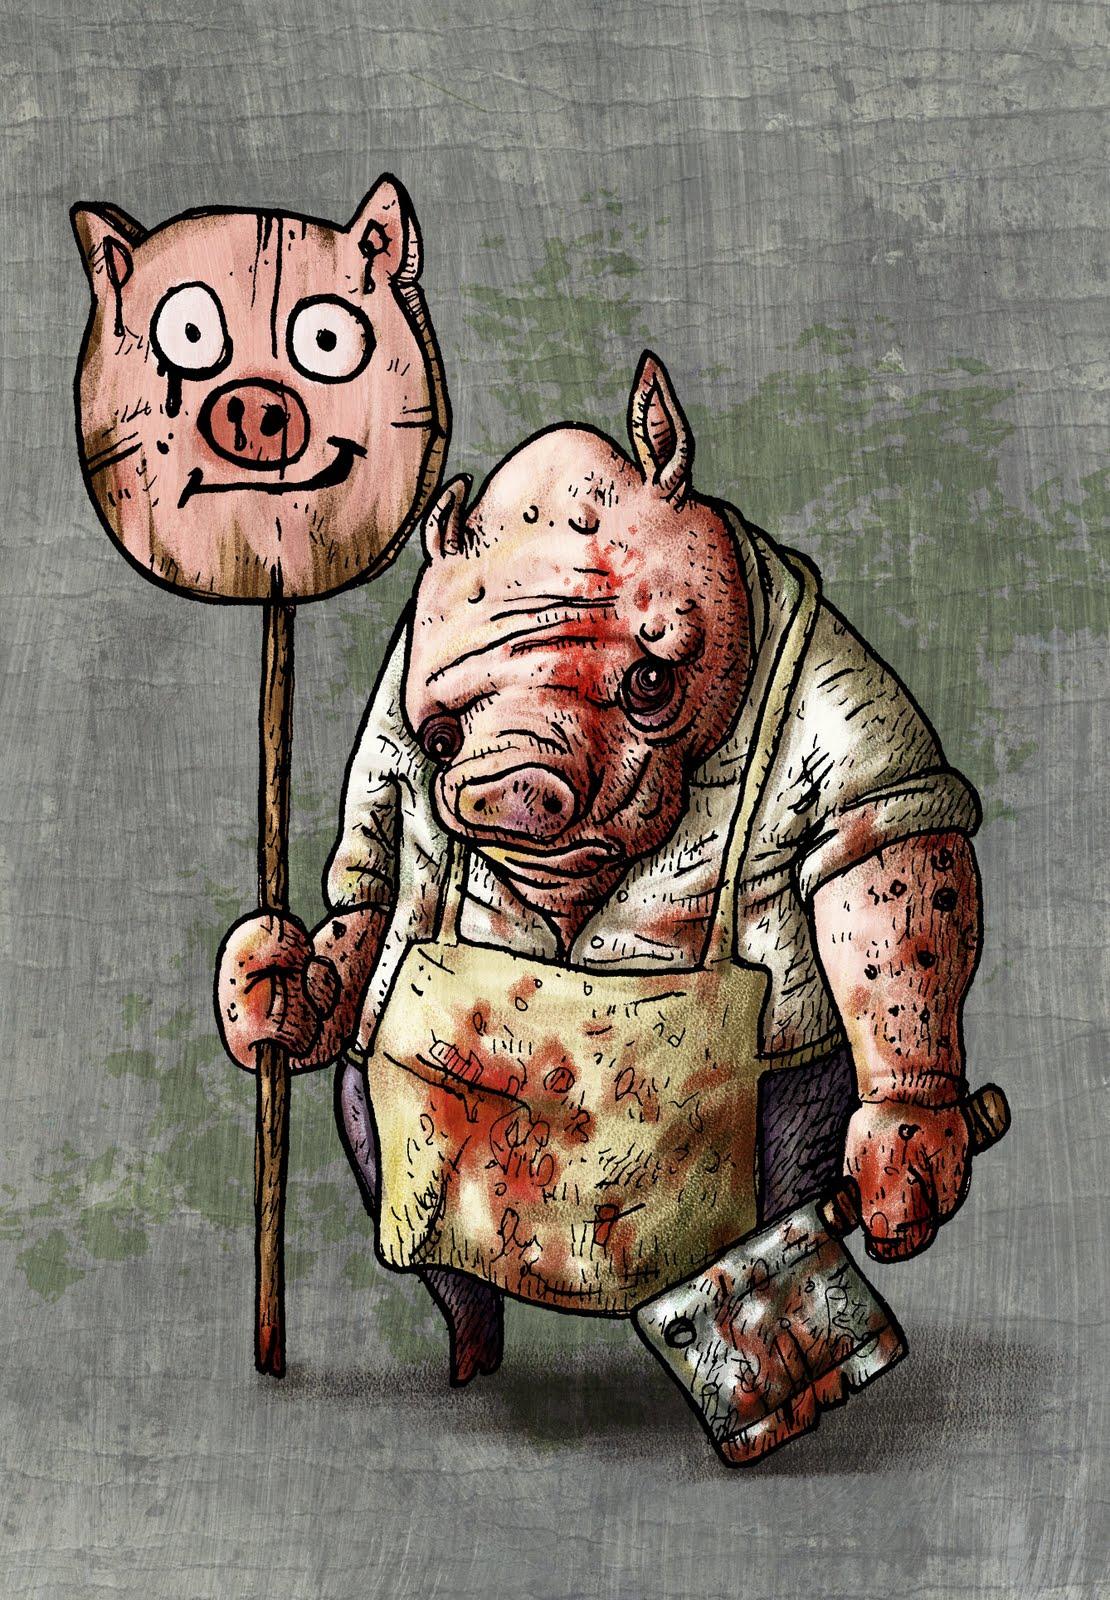 [Image: pig-butcher-coloured.jpg]